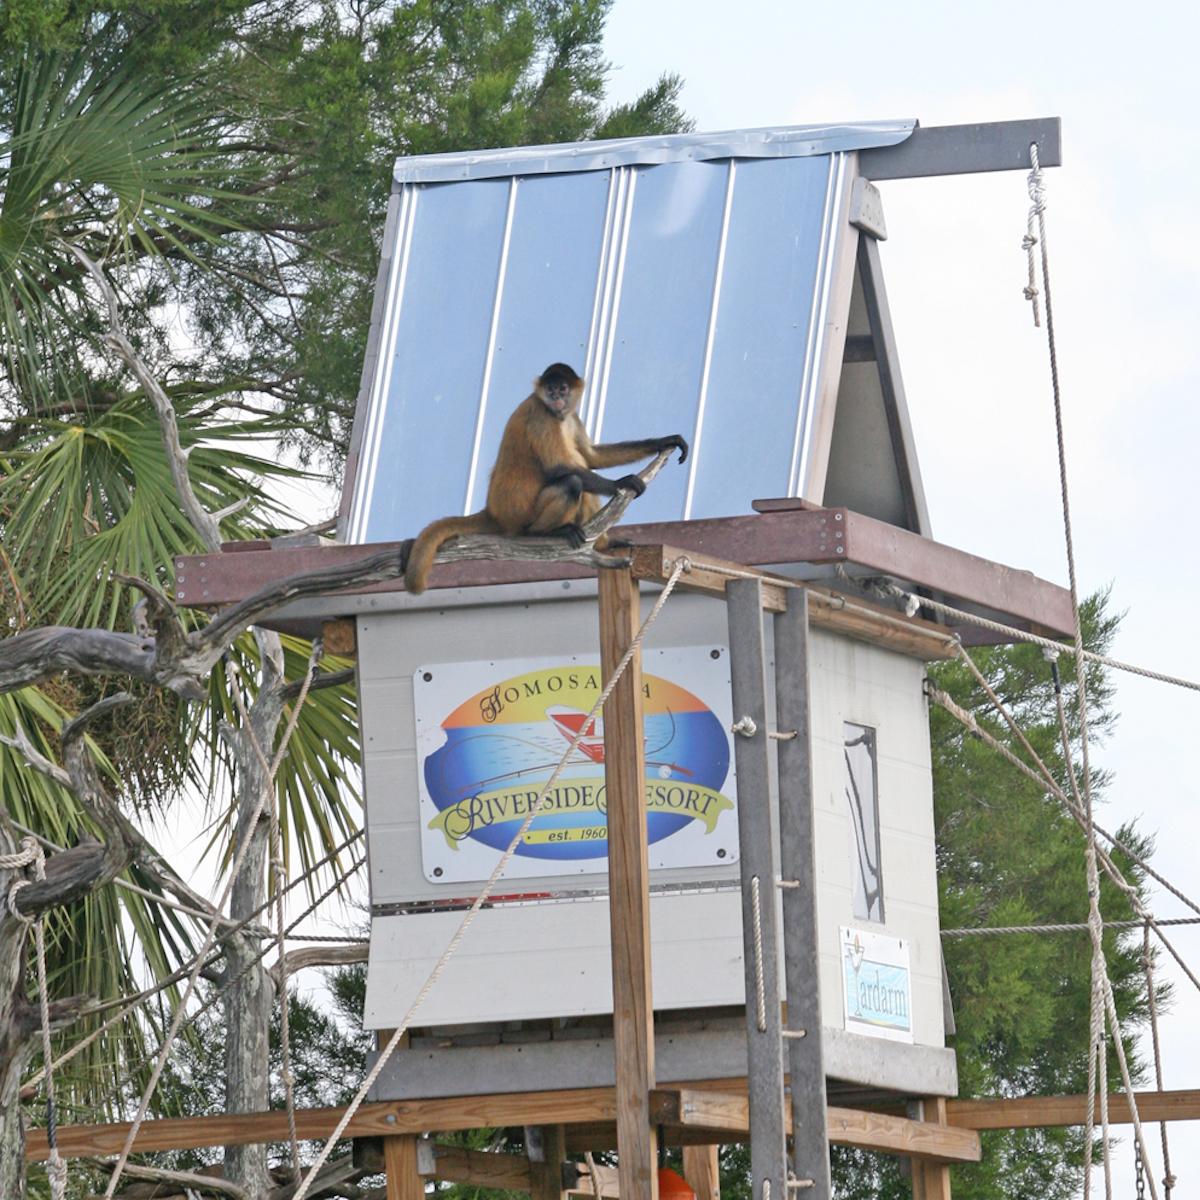 Monkey sitting at building on Monkey Island